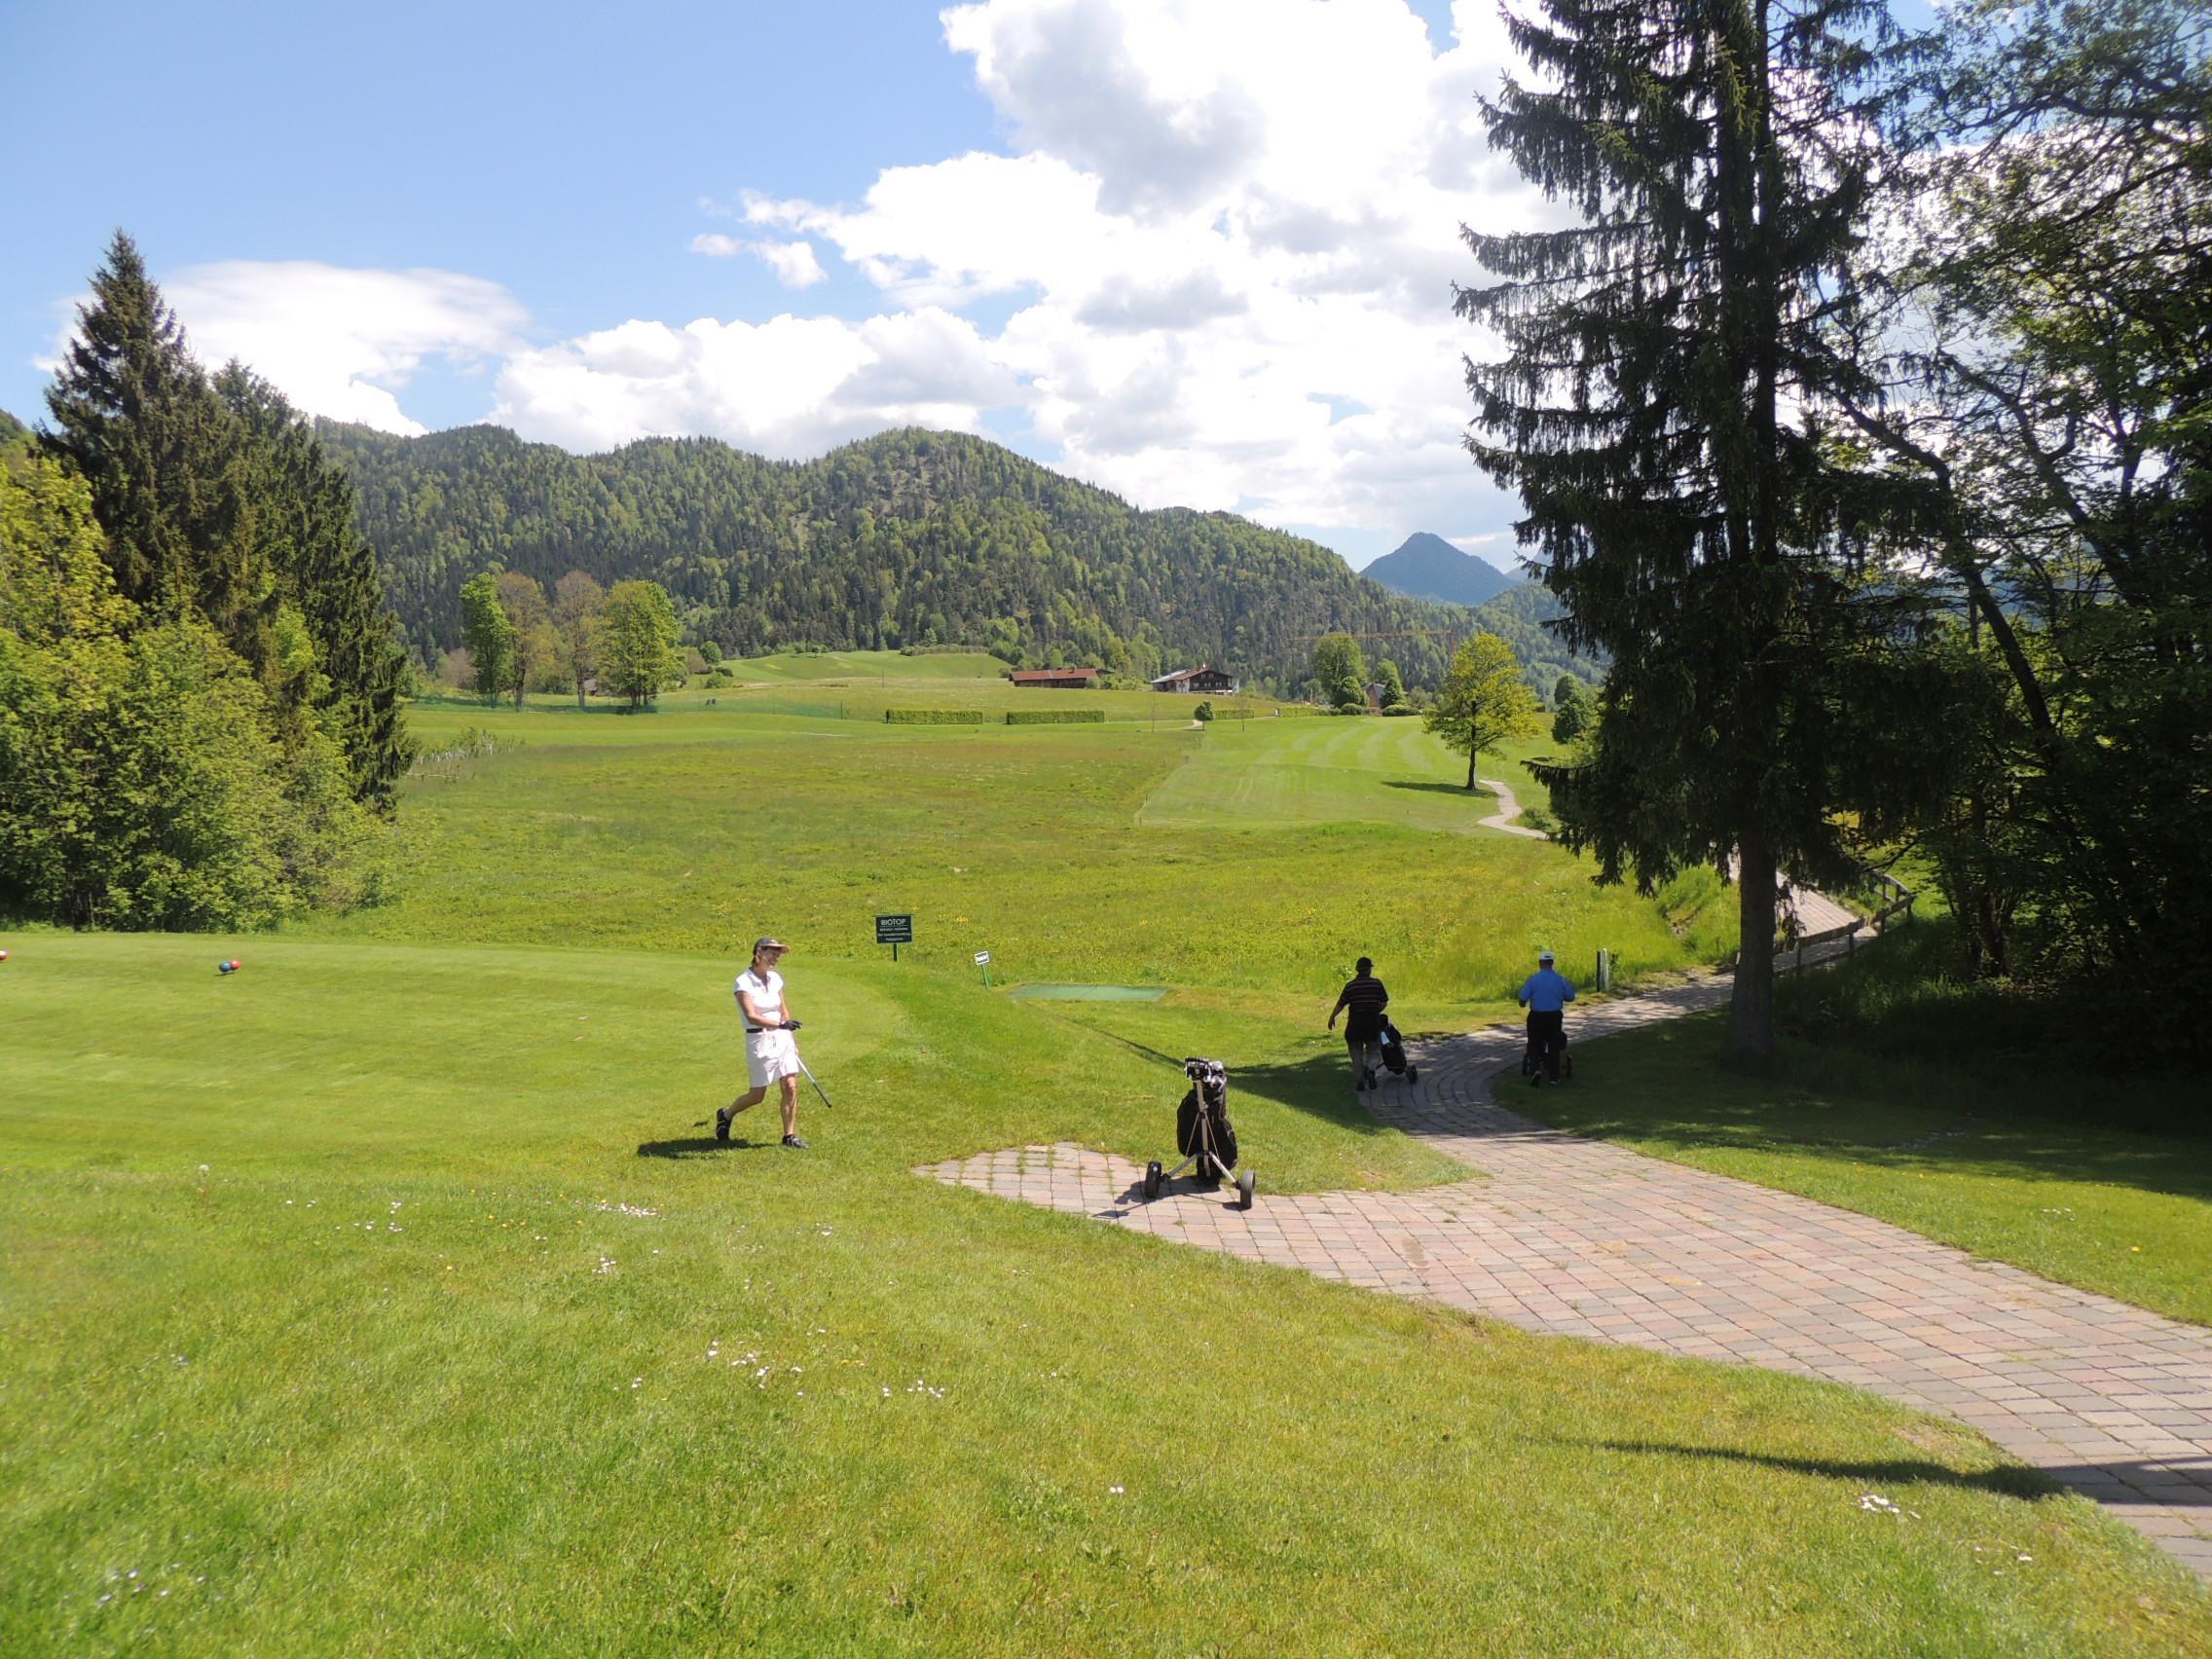 Golfspieler Reit im Winkl